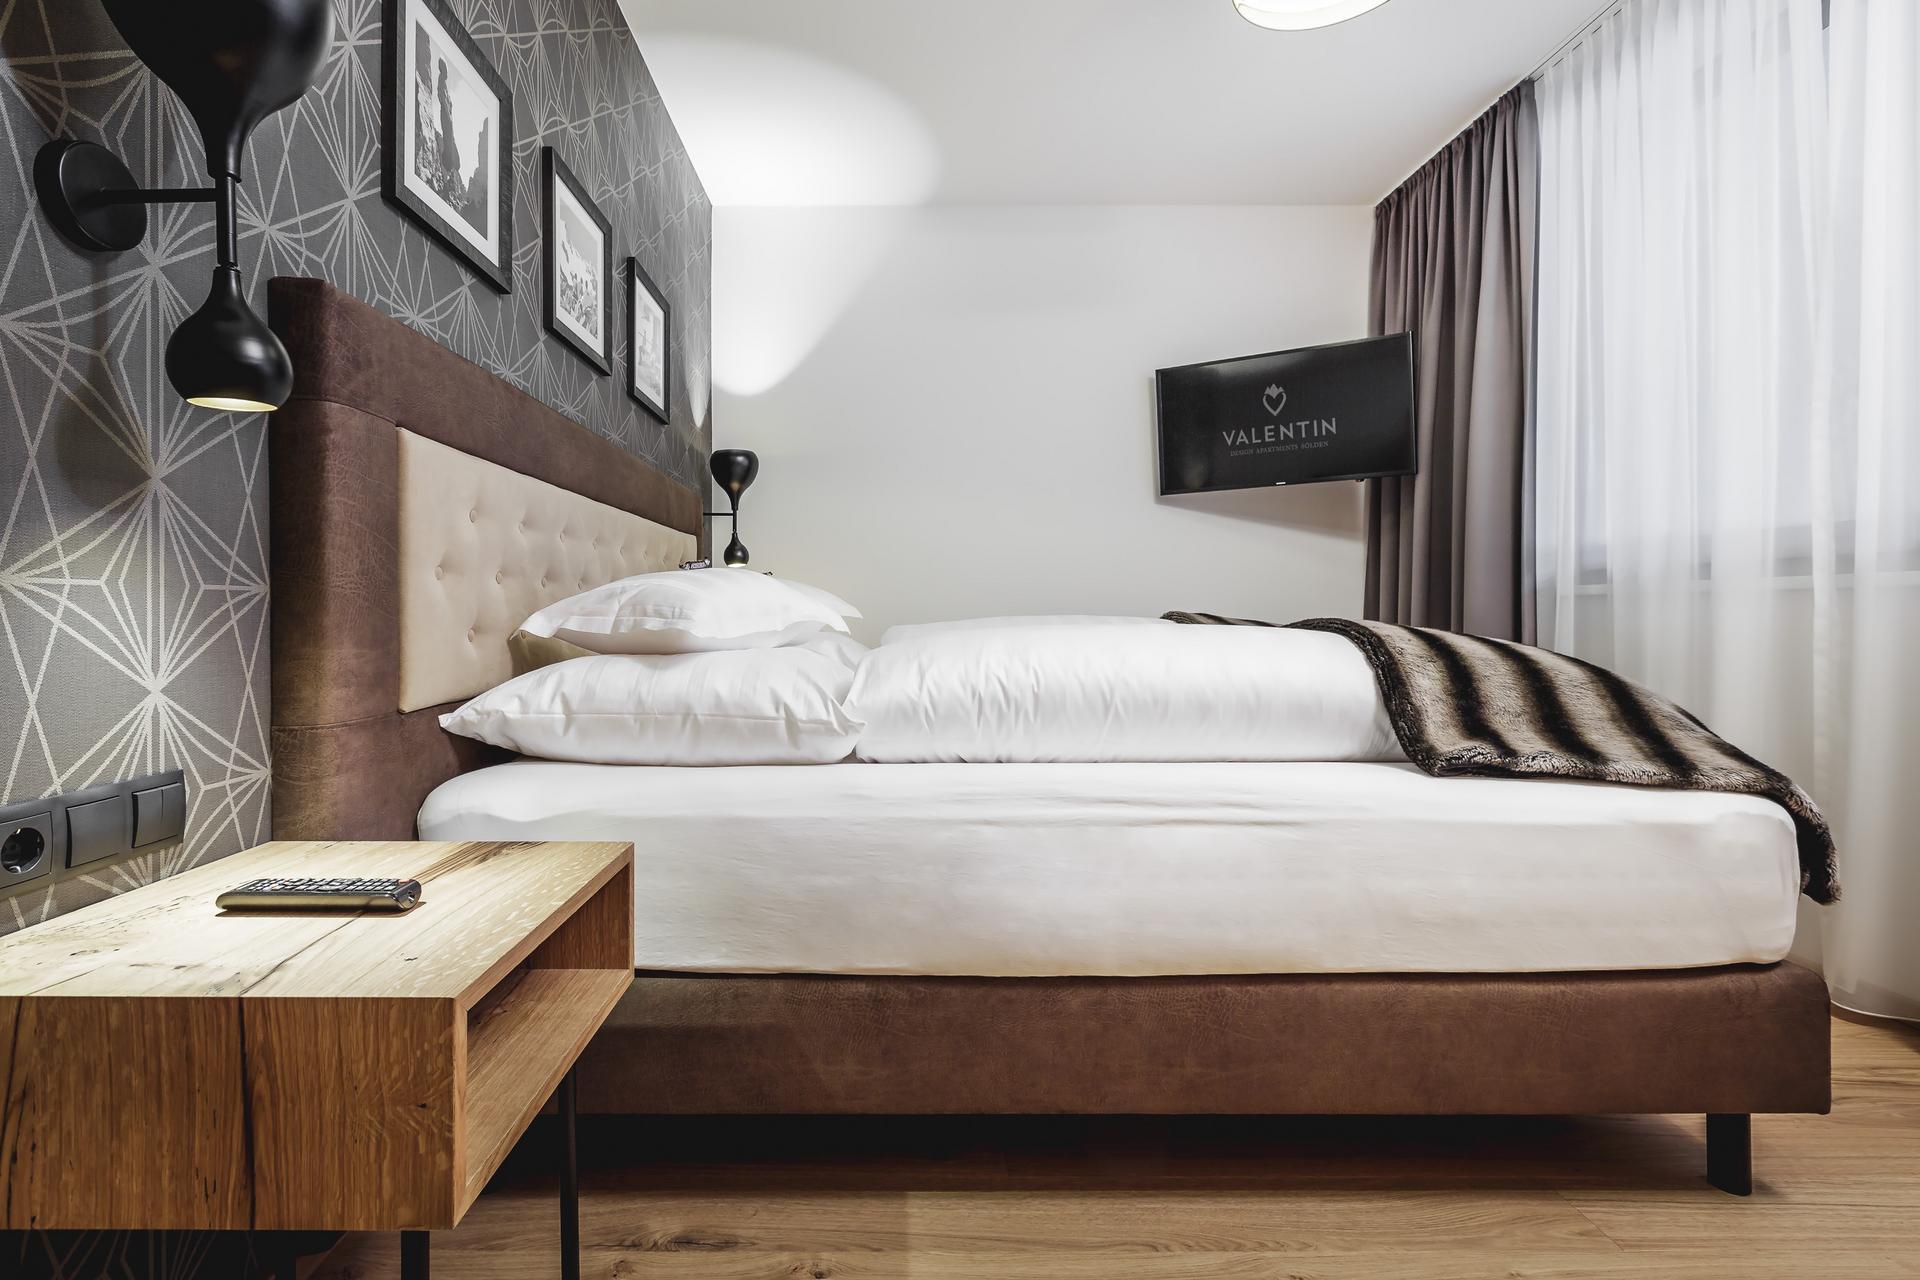 Impressum - 4-Sterne-Hotel Valentin in Sölden